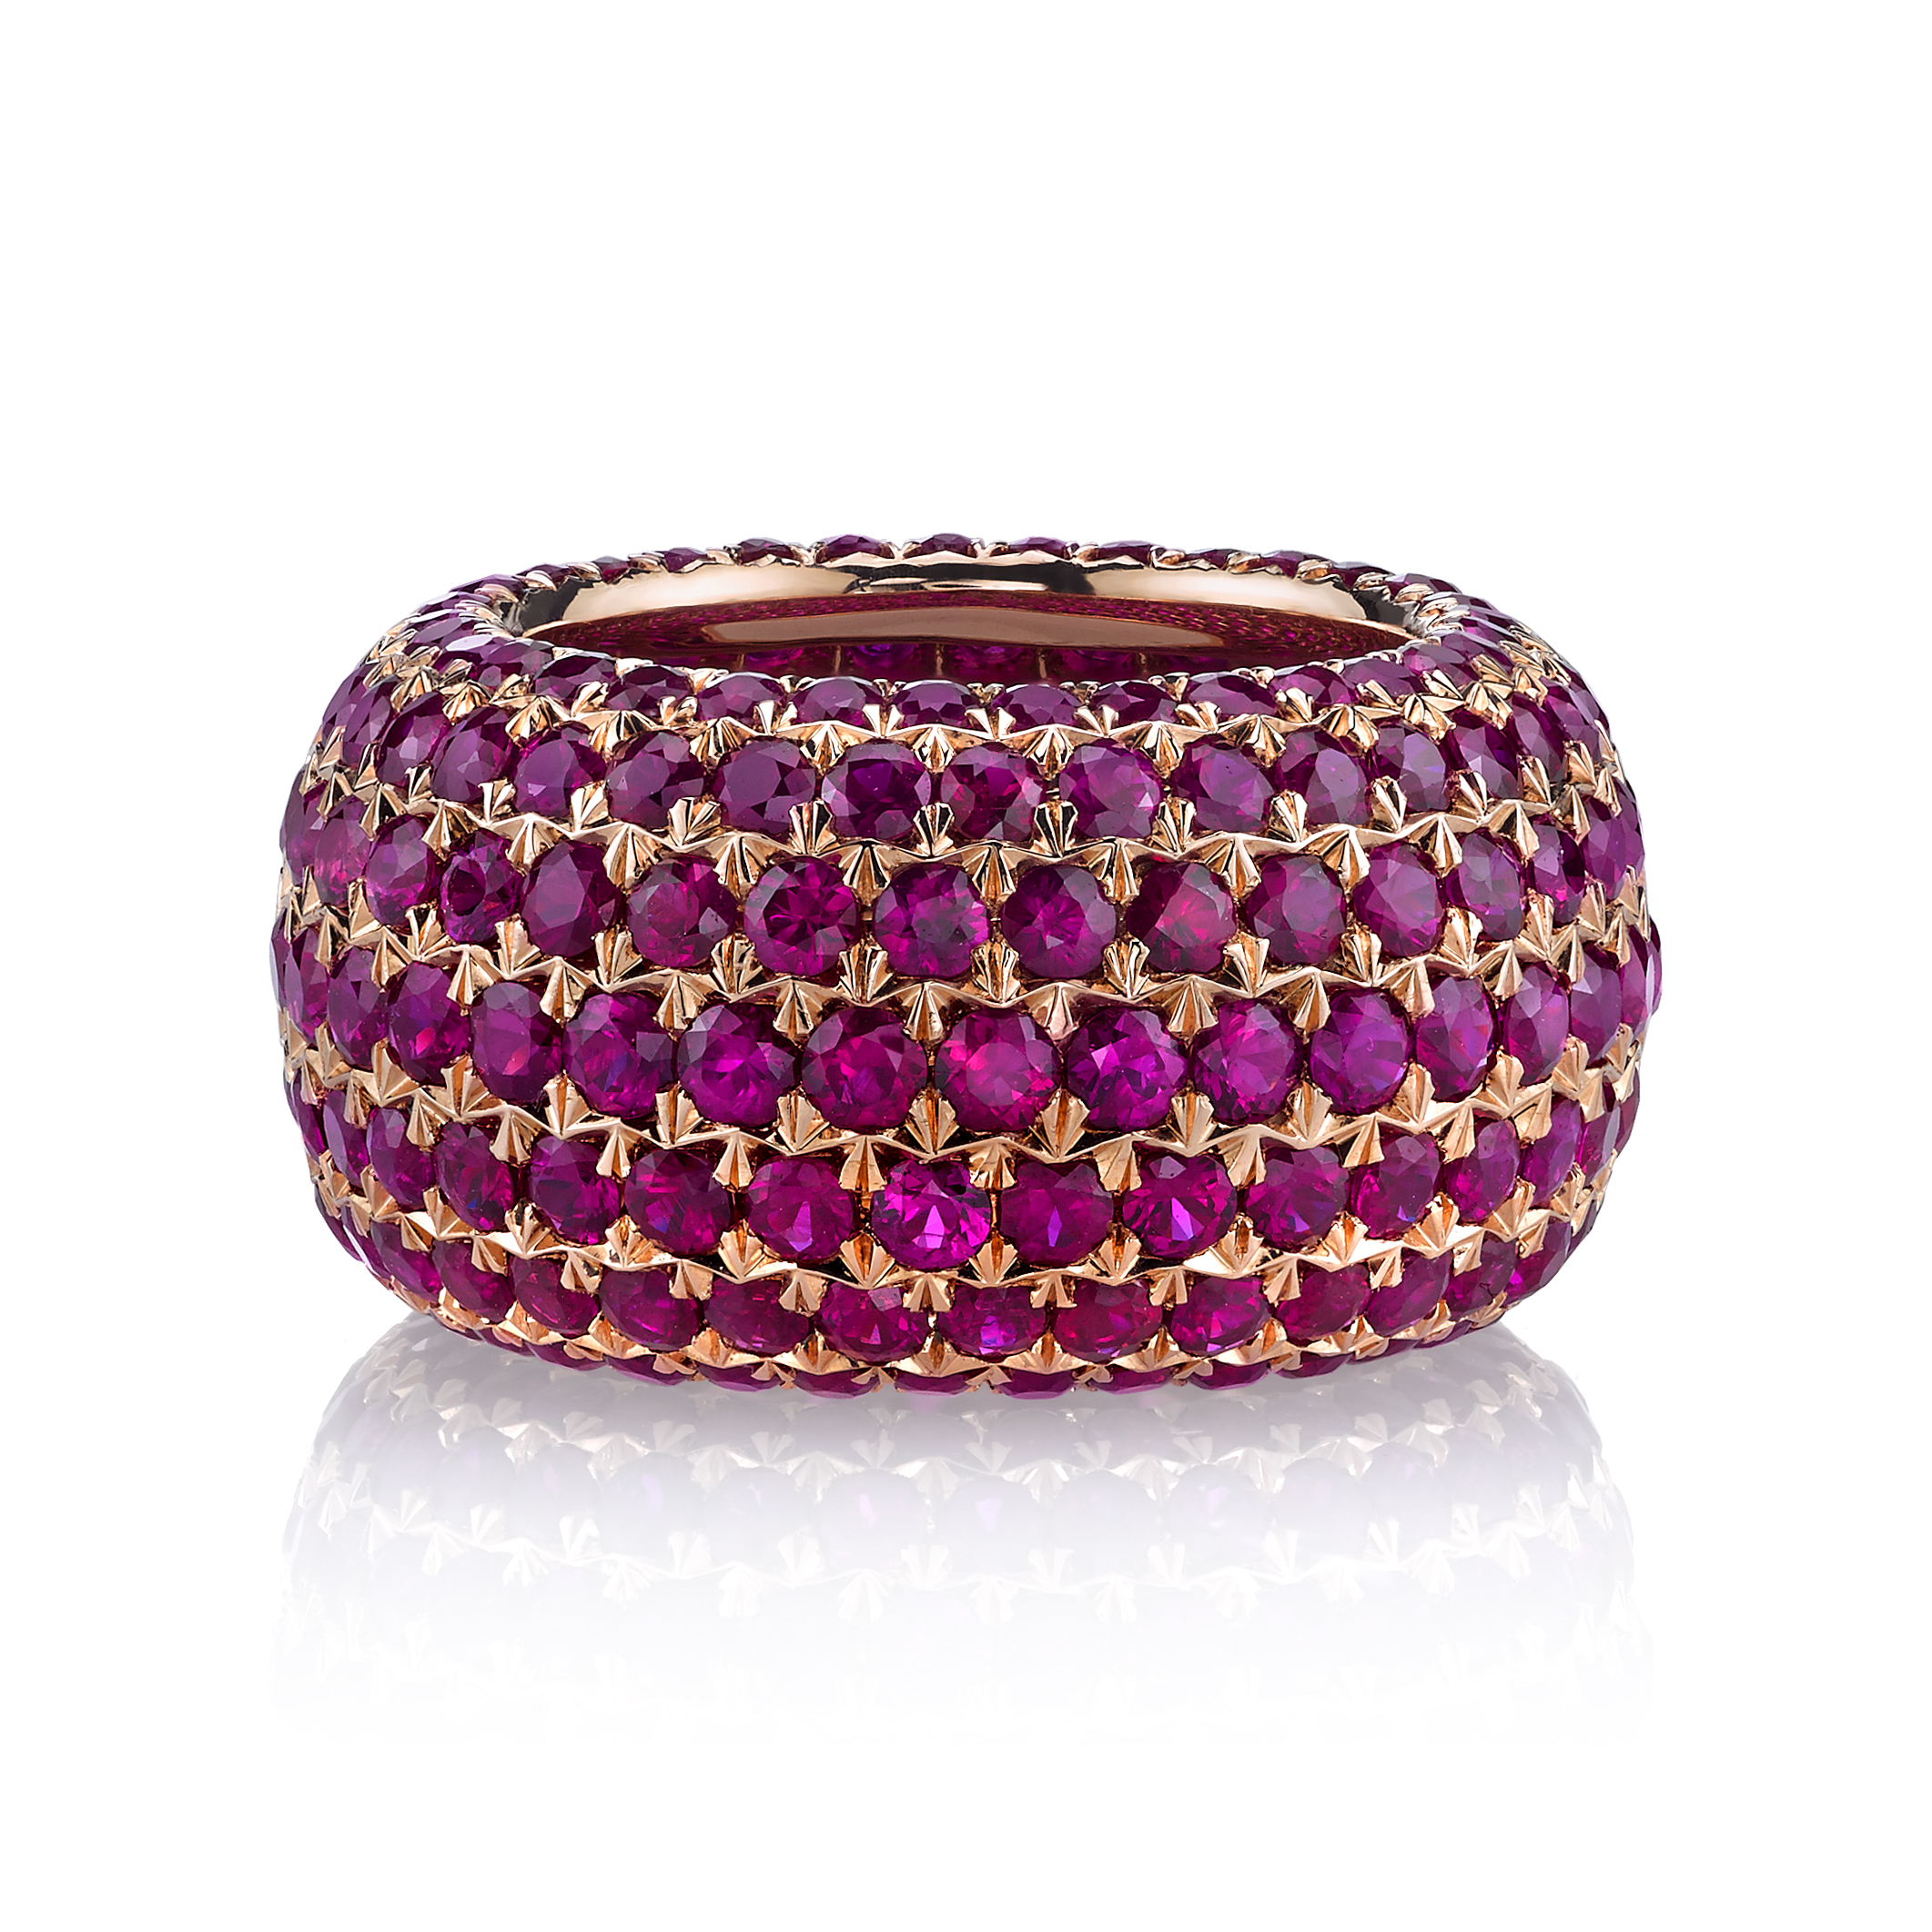 Ruby Ring - 18 Karat Rose Gold,14cts. of Rubies.